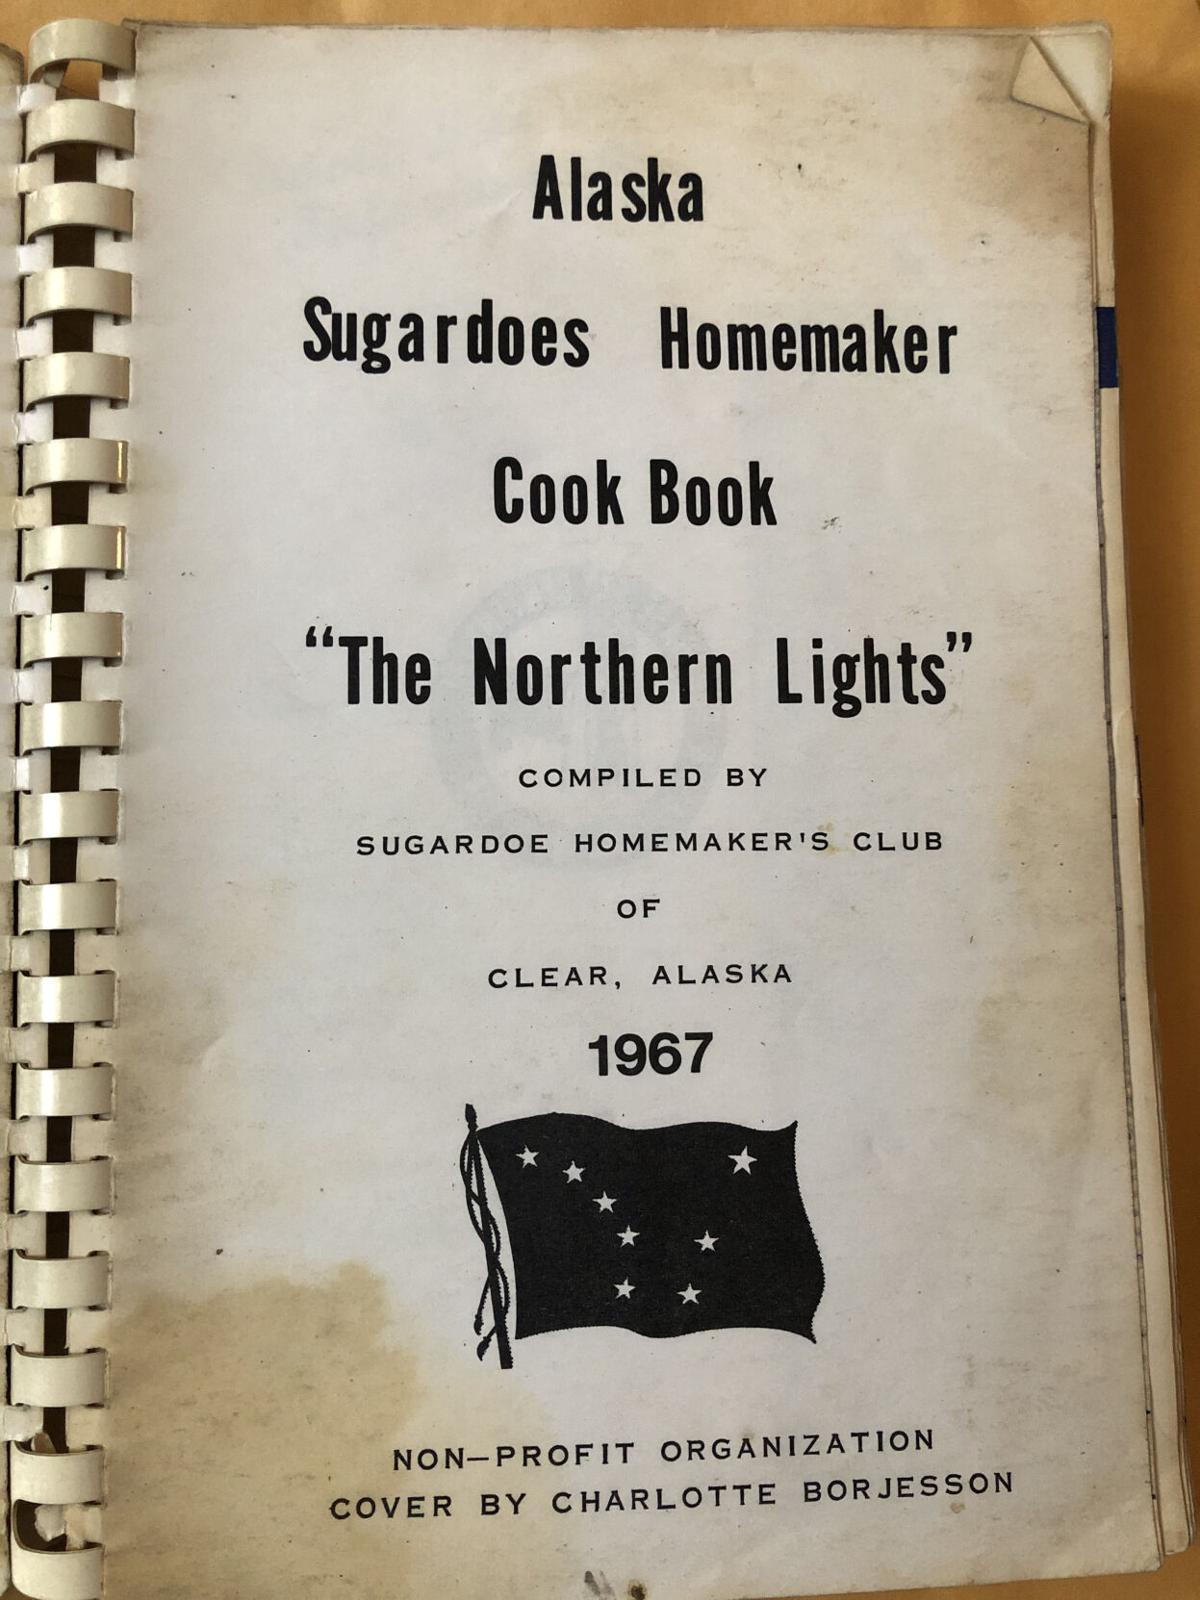 1967 Alaska cookbook